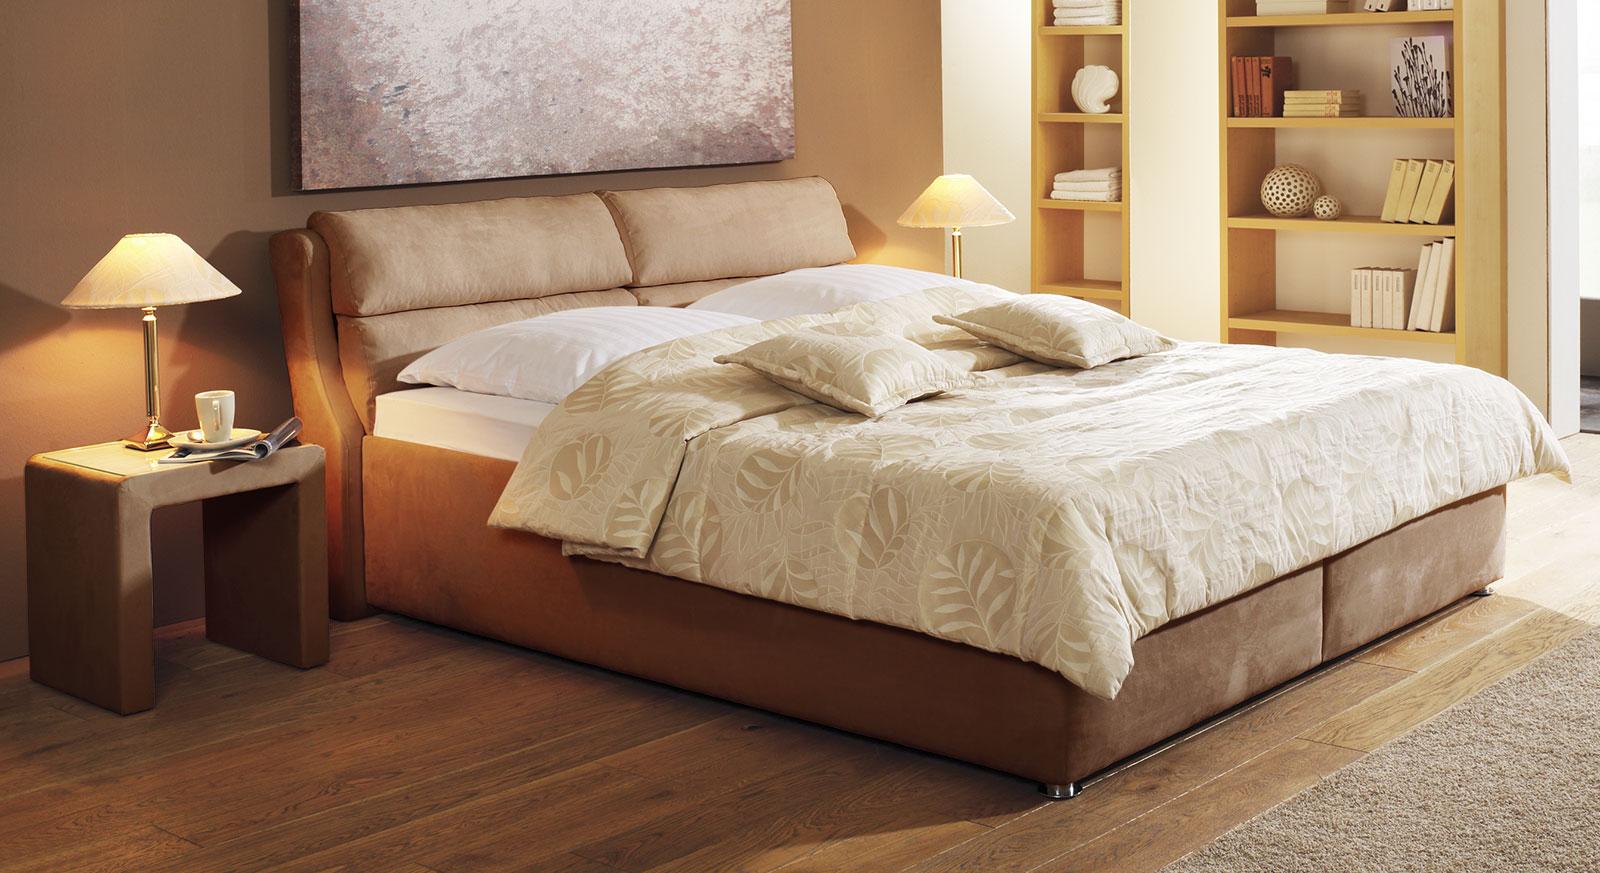 polsterbett cremona hochwertig in creme mit velours-bezug - Hochwertiges Bett Fur Schlafzimmer Qualitatsgarantie